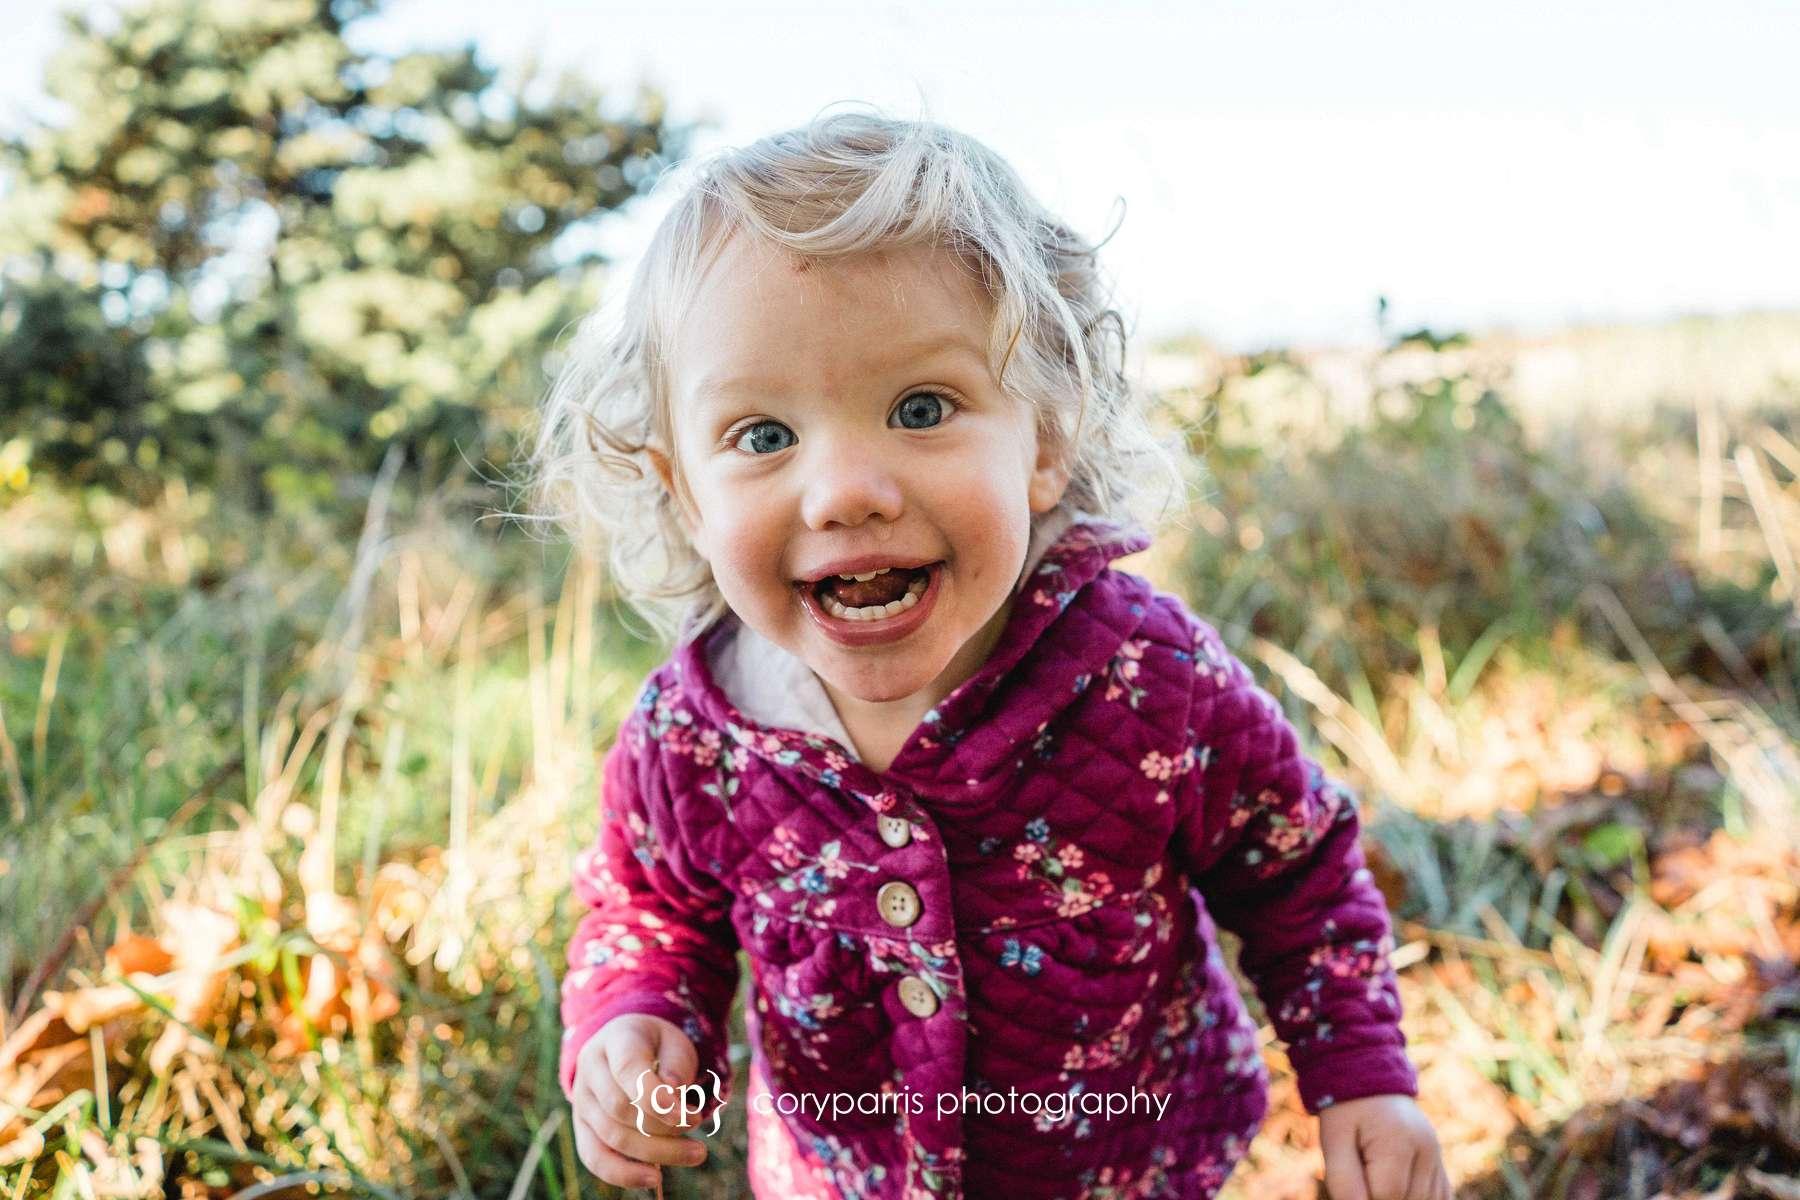 081-seattle-family-portraits-golden-gardens.jpg